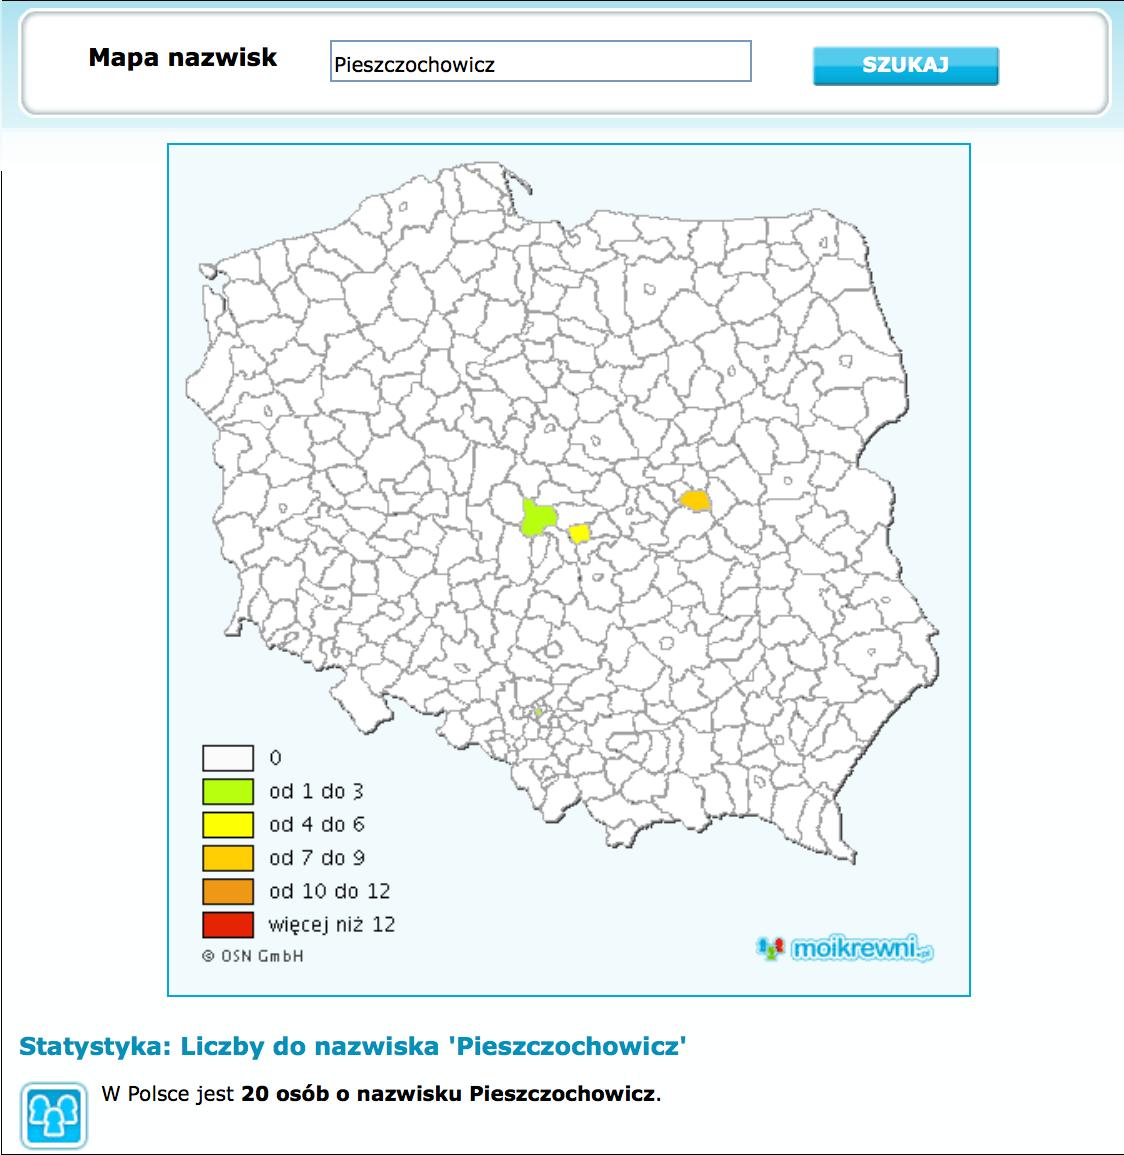 Pieszczochowicz_Moikrewny